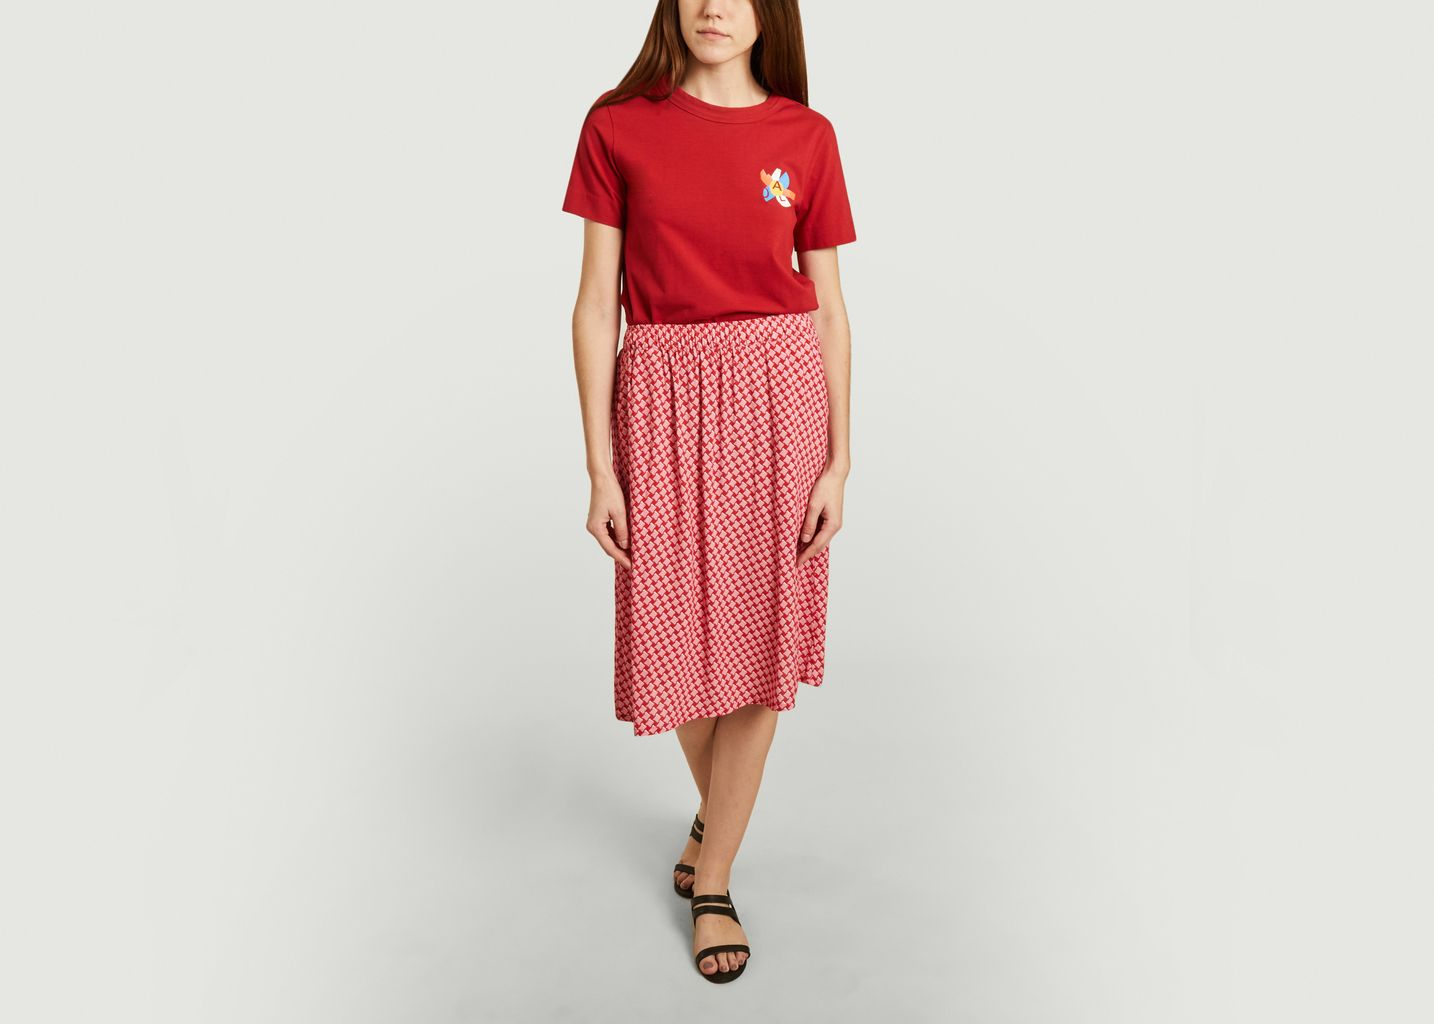 T-shirt Flore - Loreak Mendian